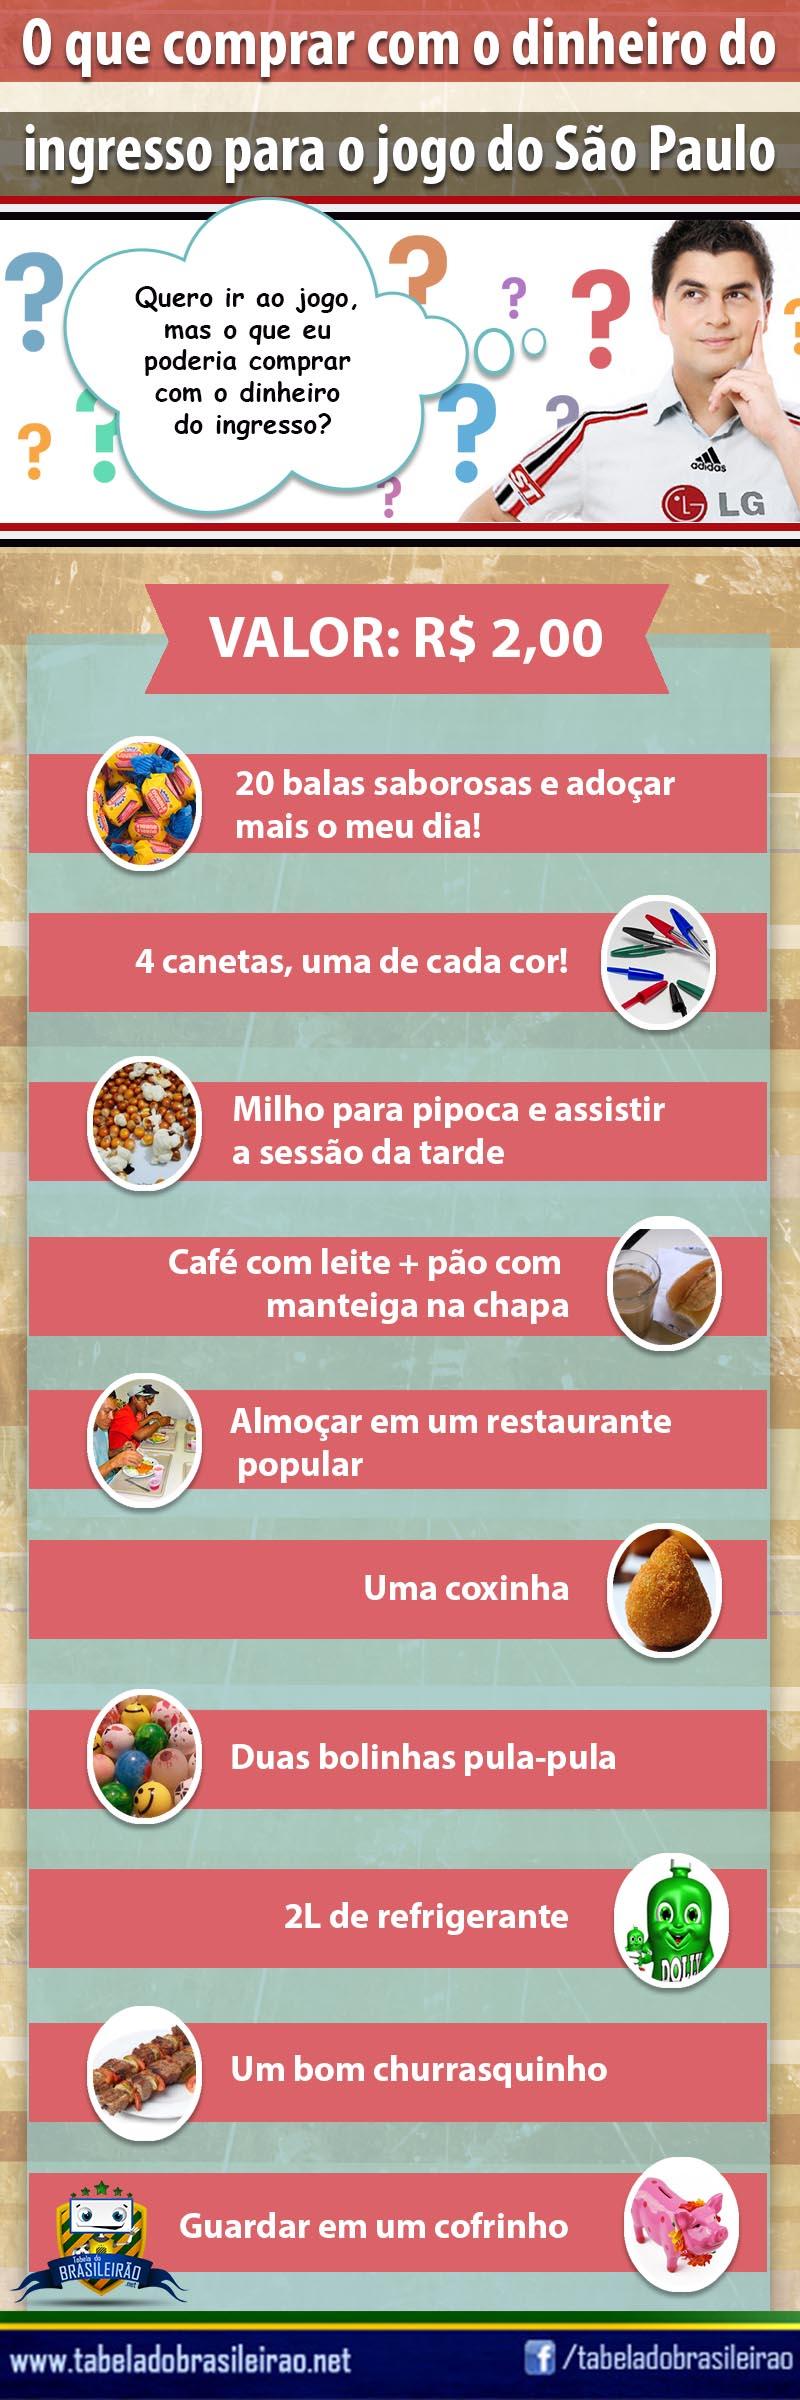 Infográfico do Ingresso do São Paulo